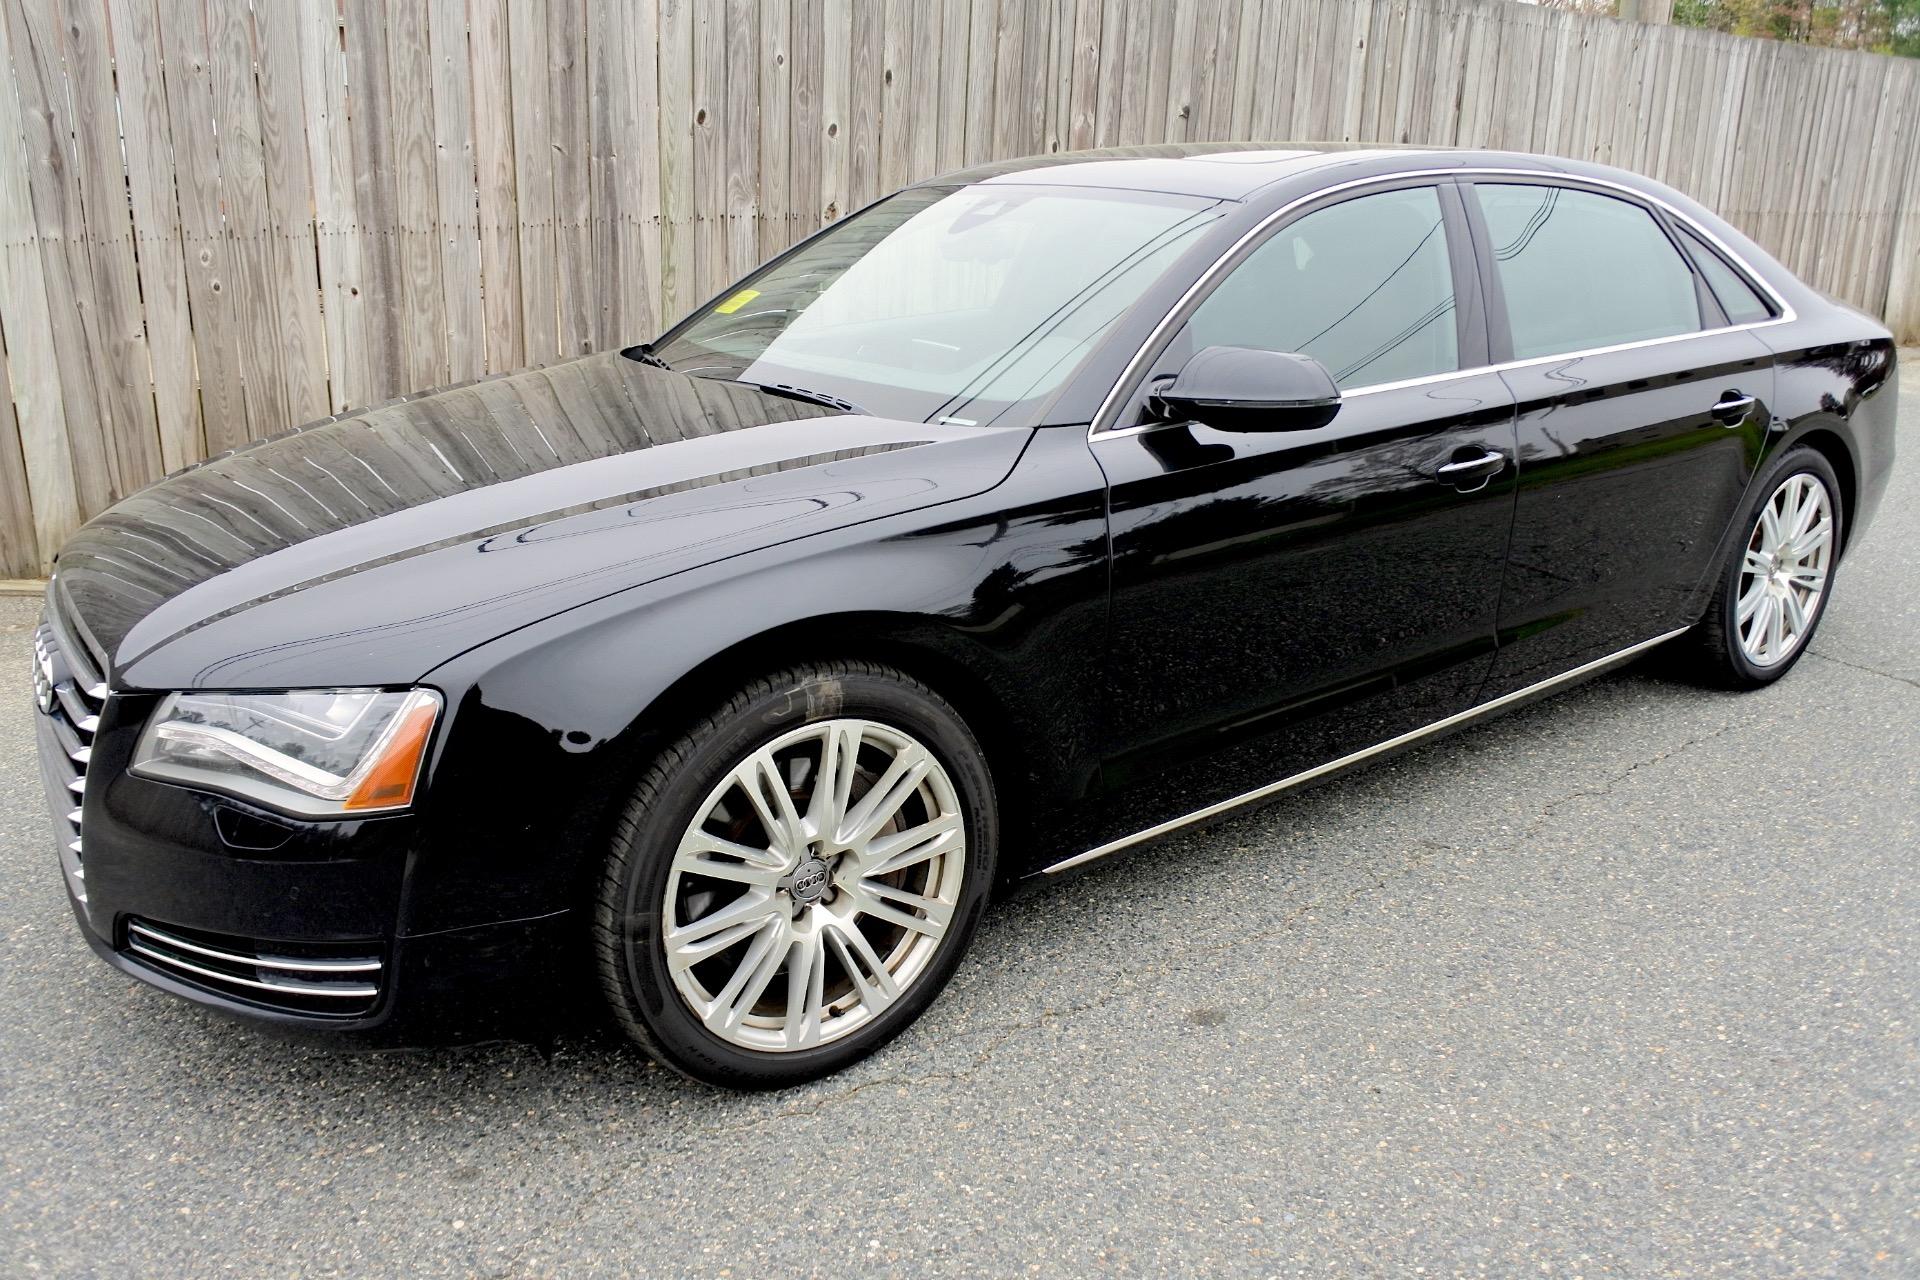 Kelebihan Kekurangan Audi A8 2013 Harga